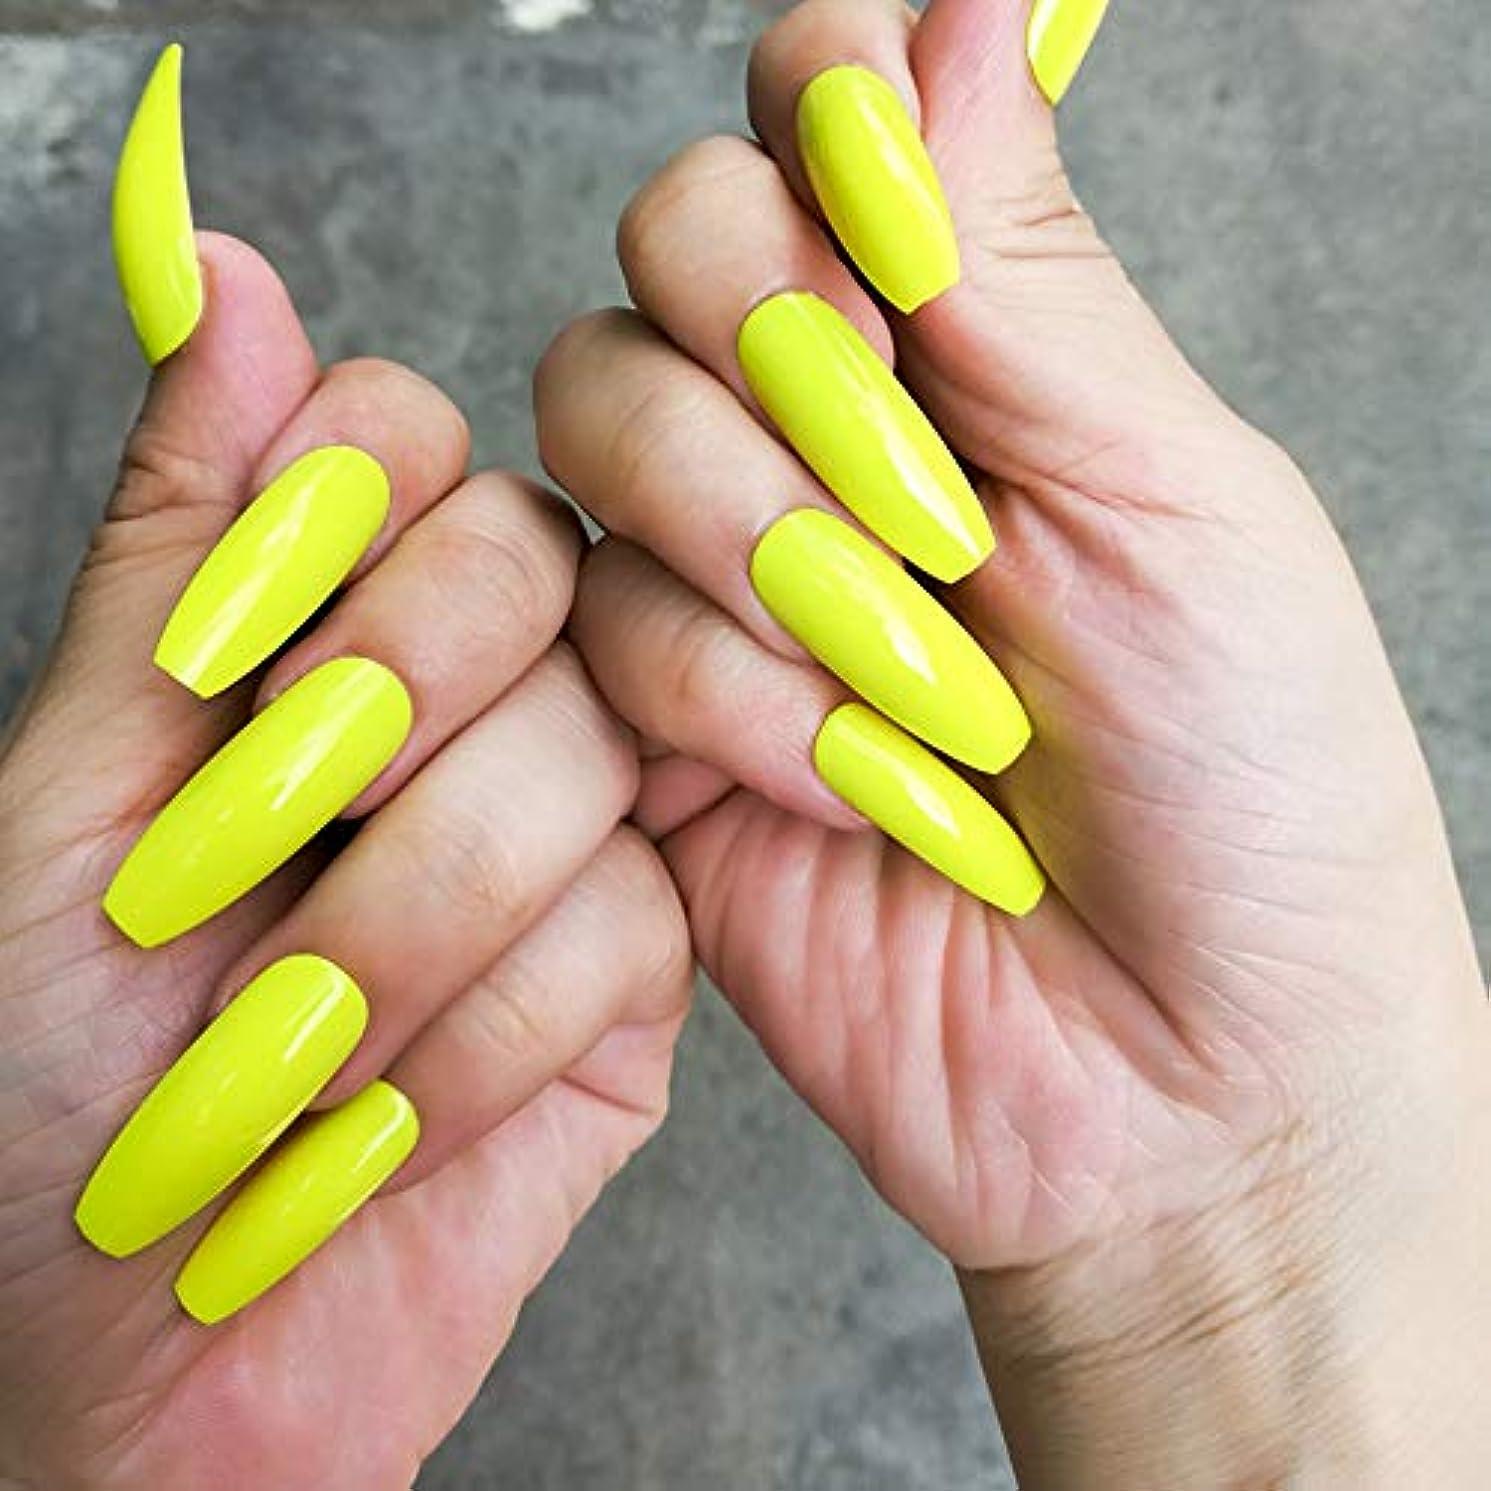 義務的顔料ミスペンドXUTXZKA エクストラロングフォールスネイル蛍光緑色黄色ヒントフルカバー人工爪プレス